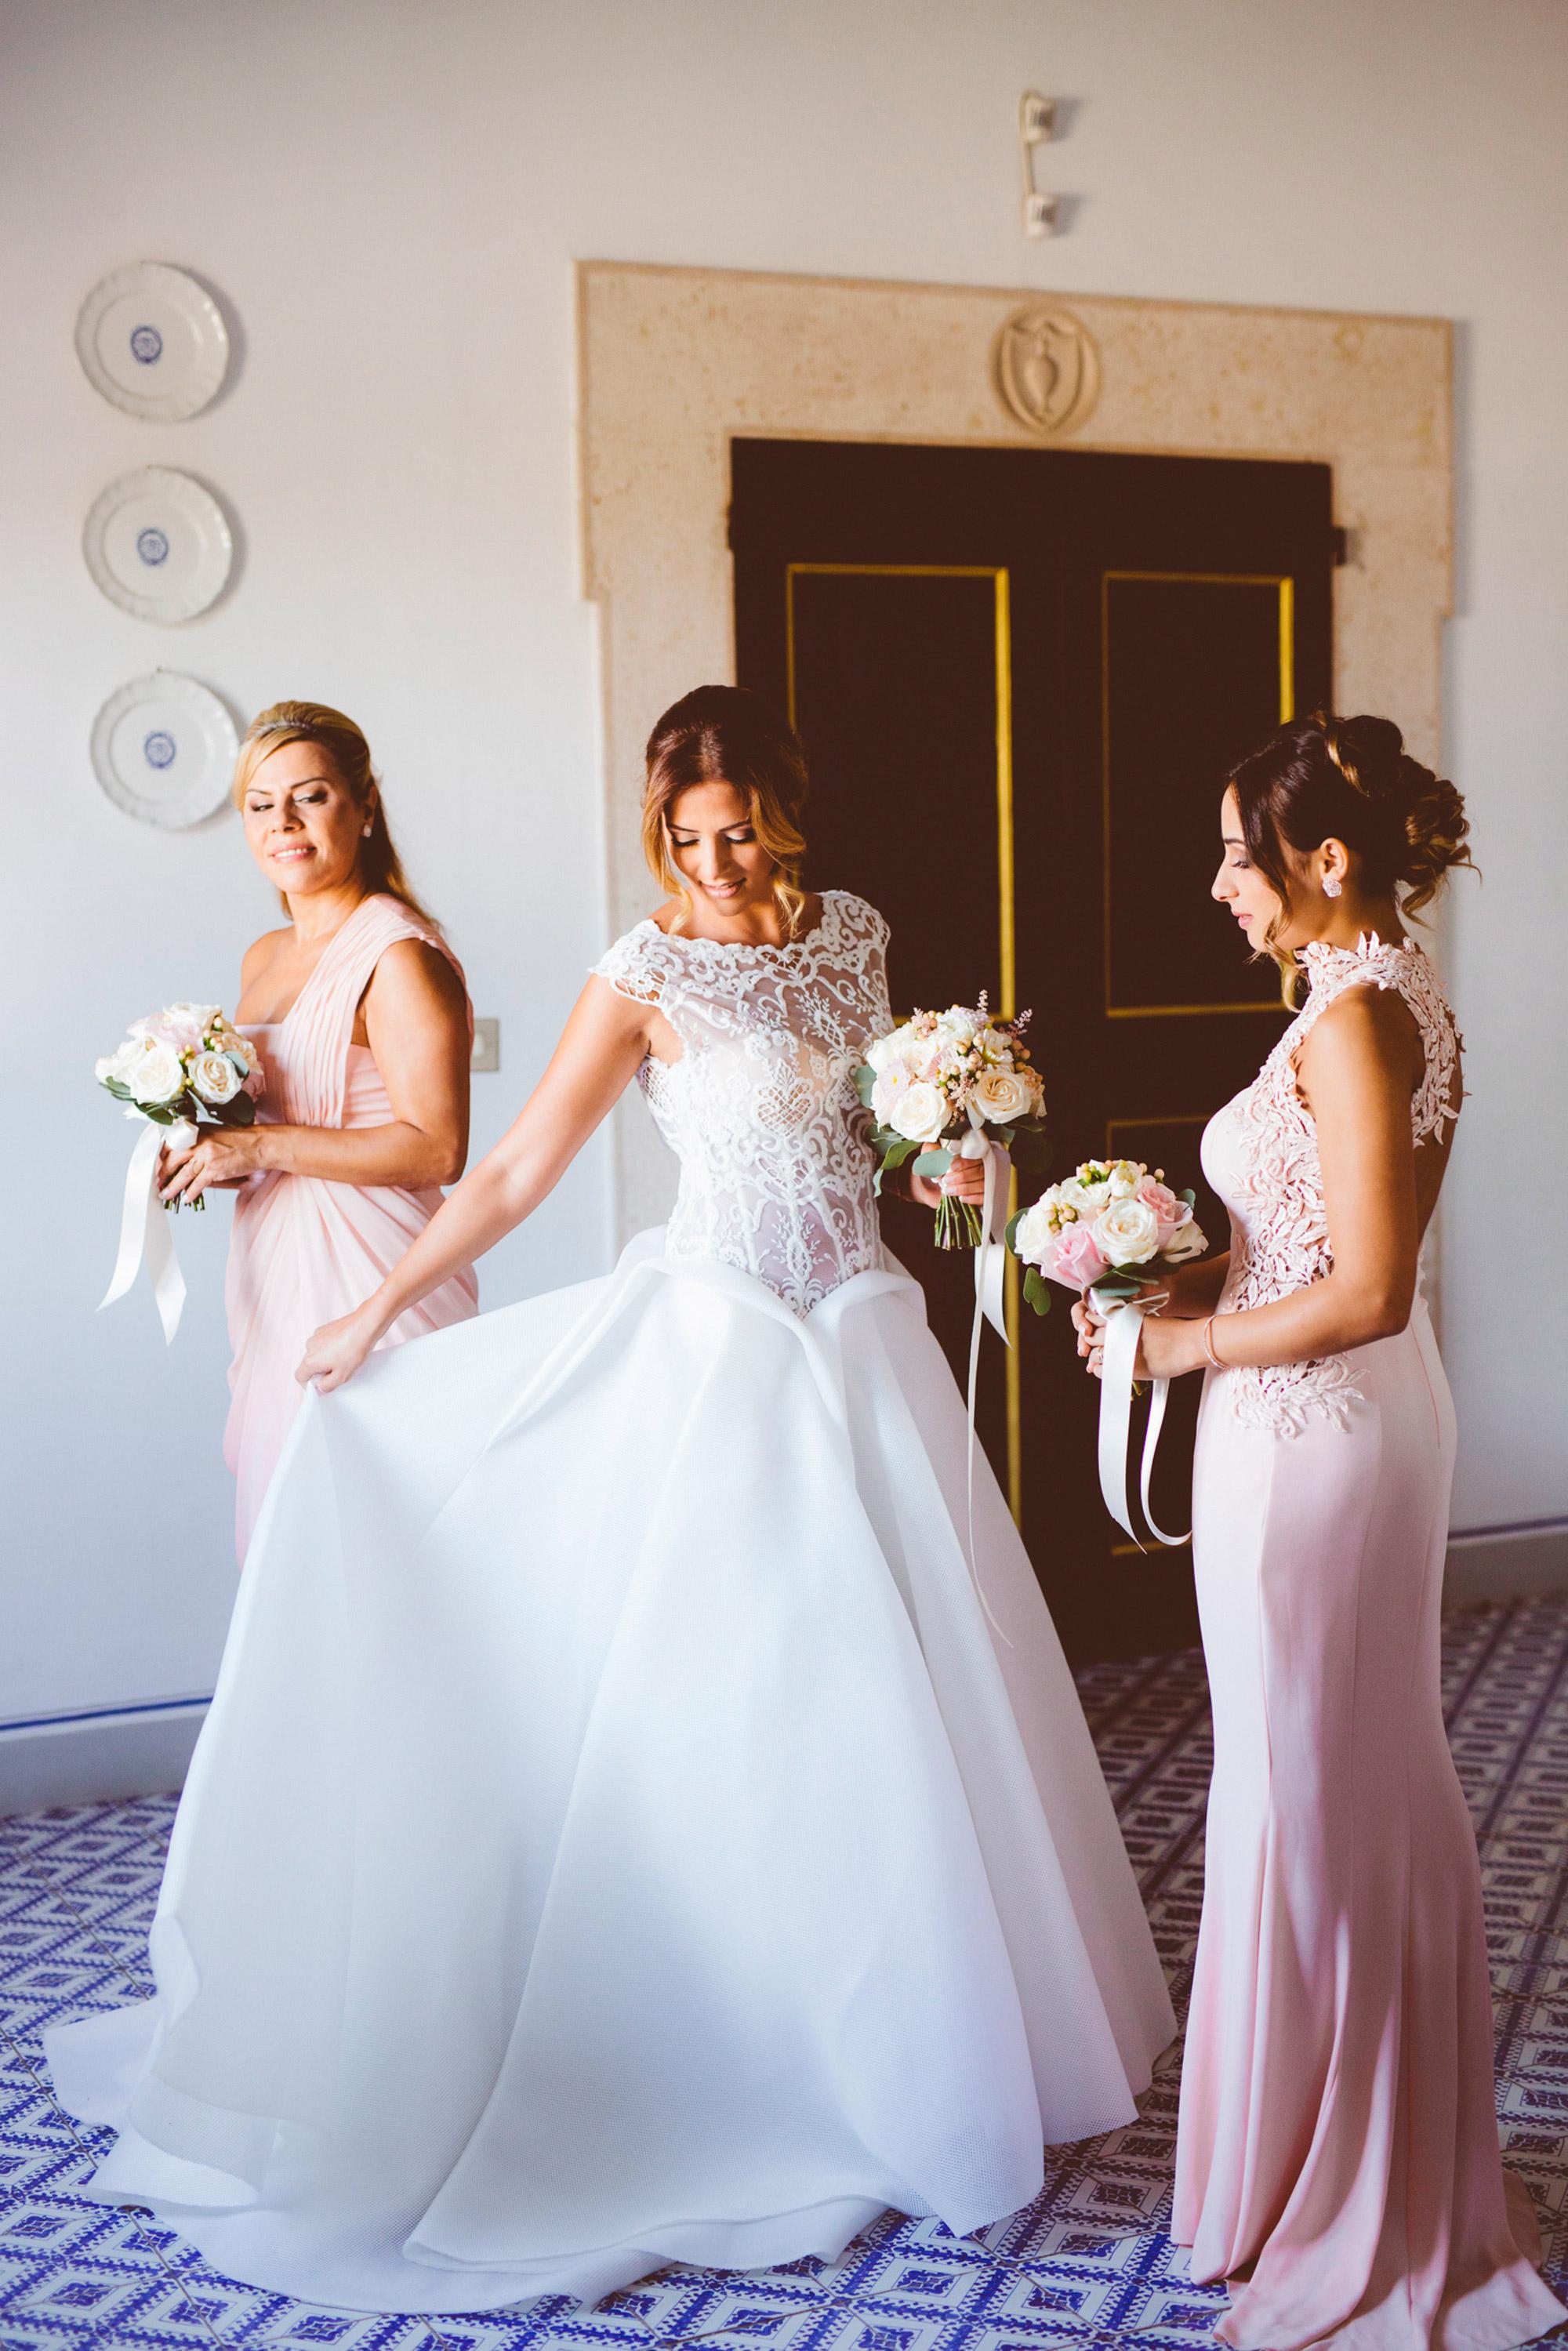 025-santamarinella-wedding-castello-odescalchi.jpg